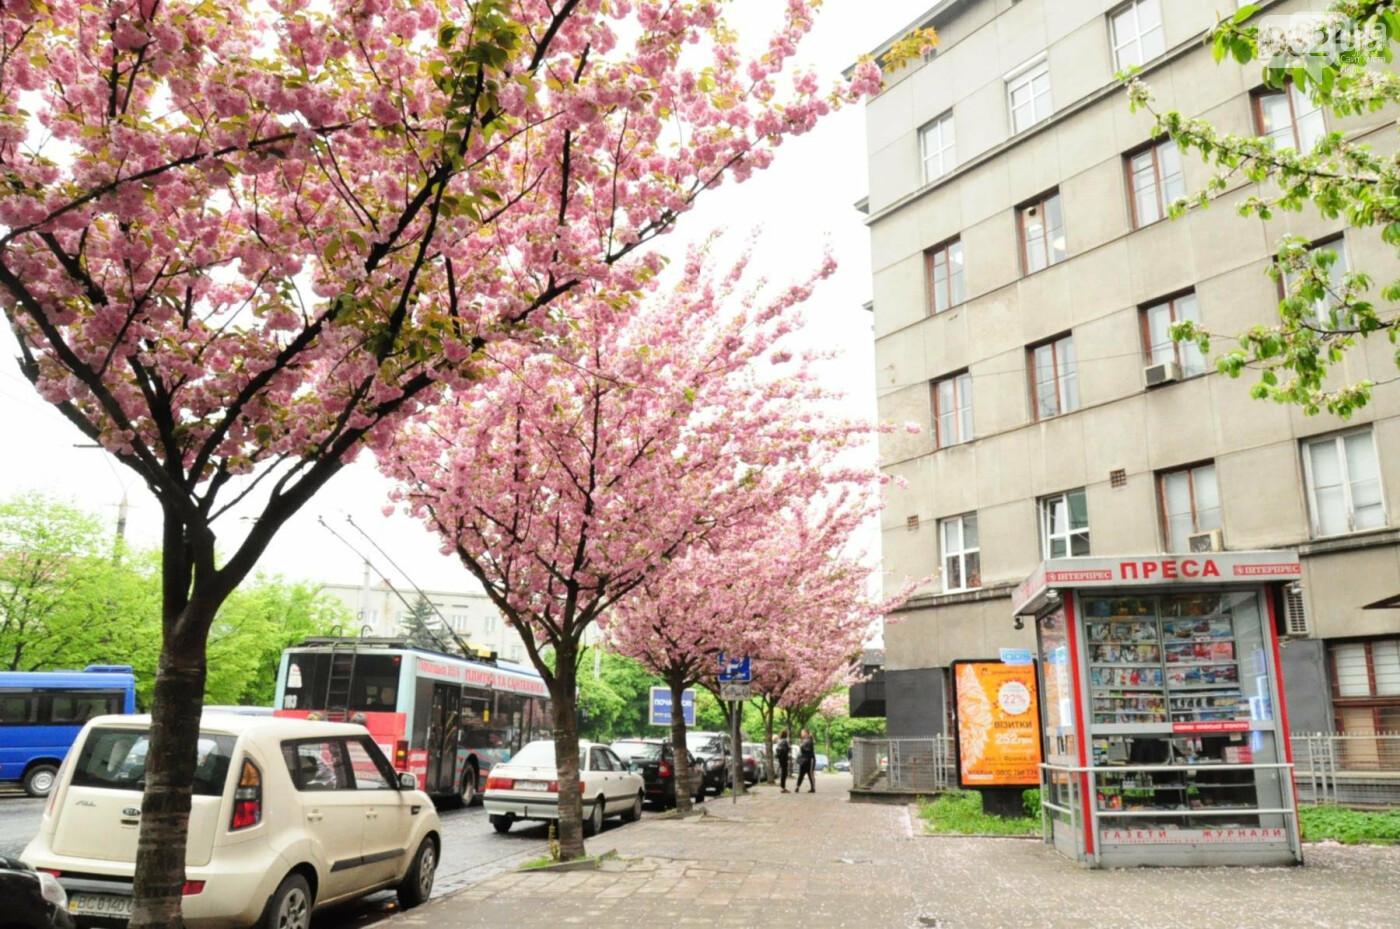 Де у Львові квітнуть сакури, - ІНТЕРАКТИВНА МАПА, ФОТО, фото-1